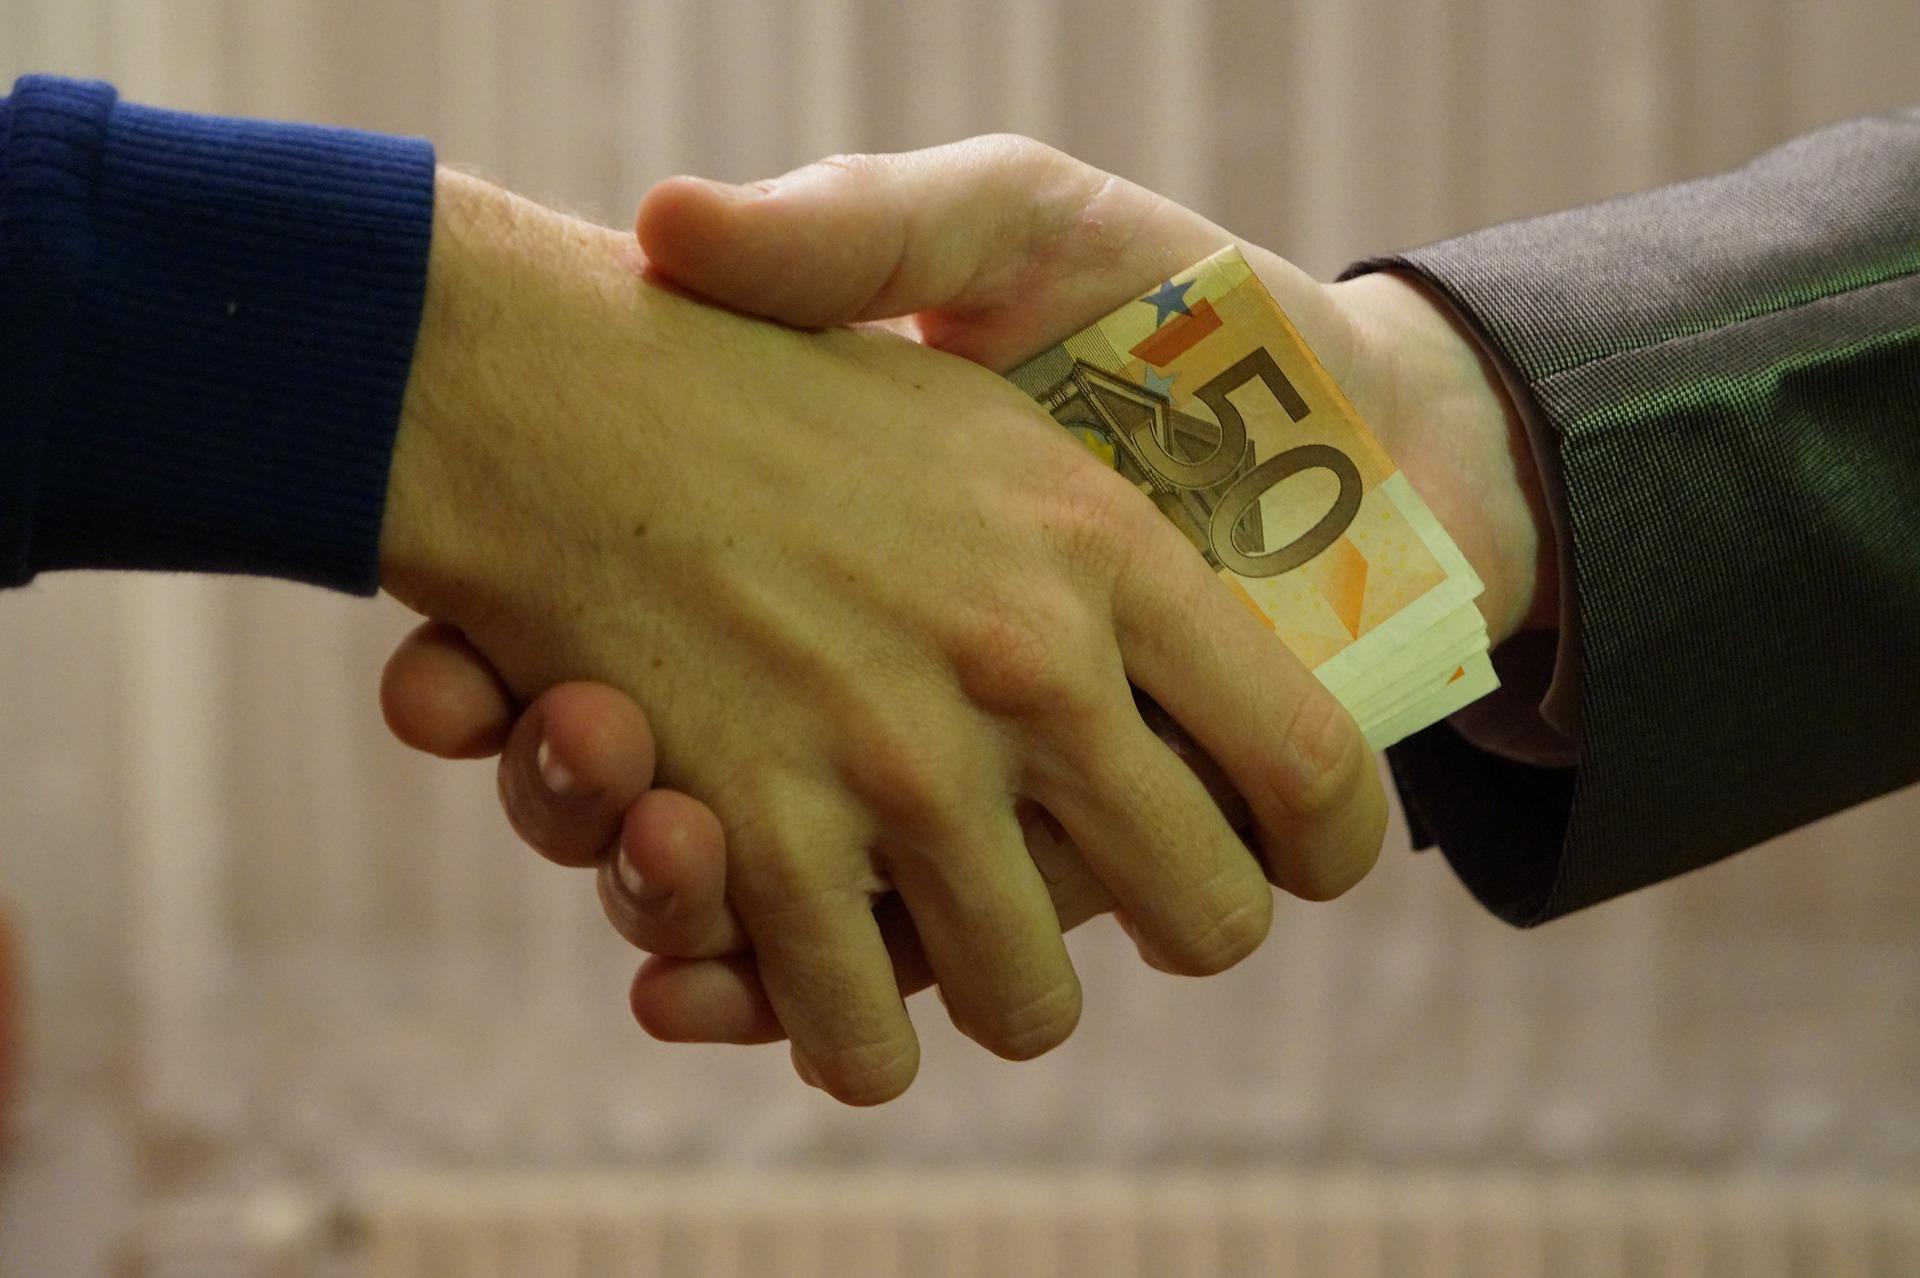 Les Prêts à la Consommation de la BNP Paribas - Caractéristiques et Comment les Obtenir